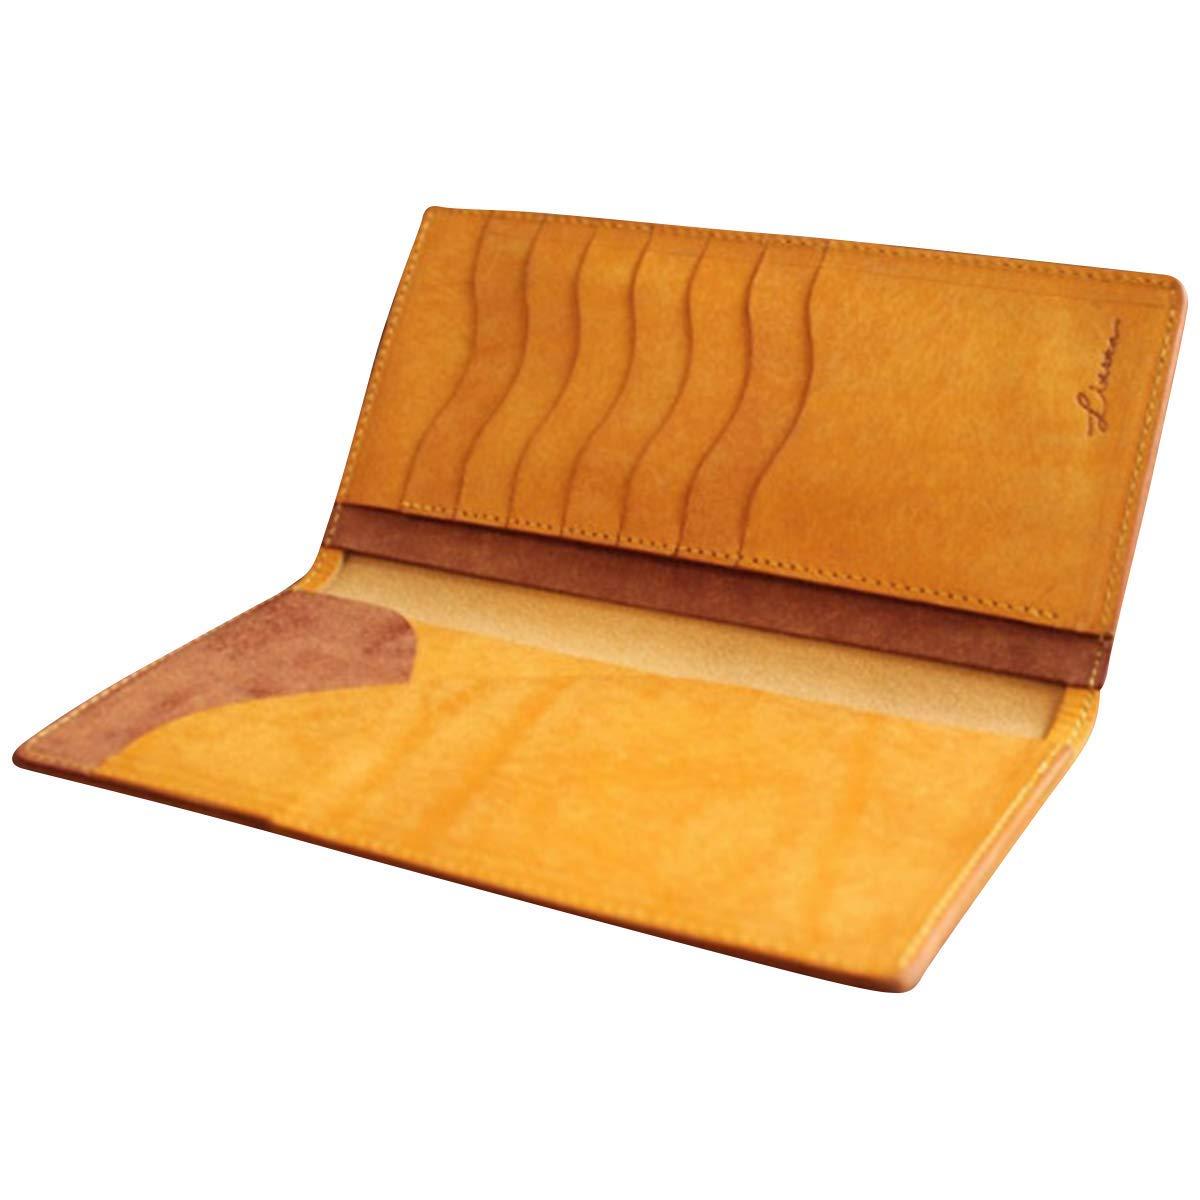 【クーポンあり】LITSTA リティスタ Bill Case Yellow イエロー | ビルケース 束入れ 札入れ 長財布 薄い 極薄 イタリアンレザー pueblo プエブロ メンズ レディース 人気 おすすめ おしゃれ かわいい プレゼント 日本製